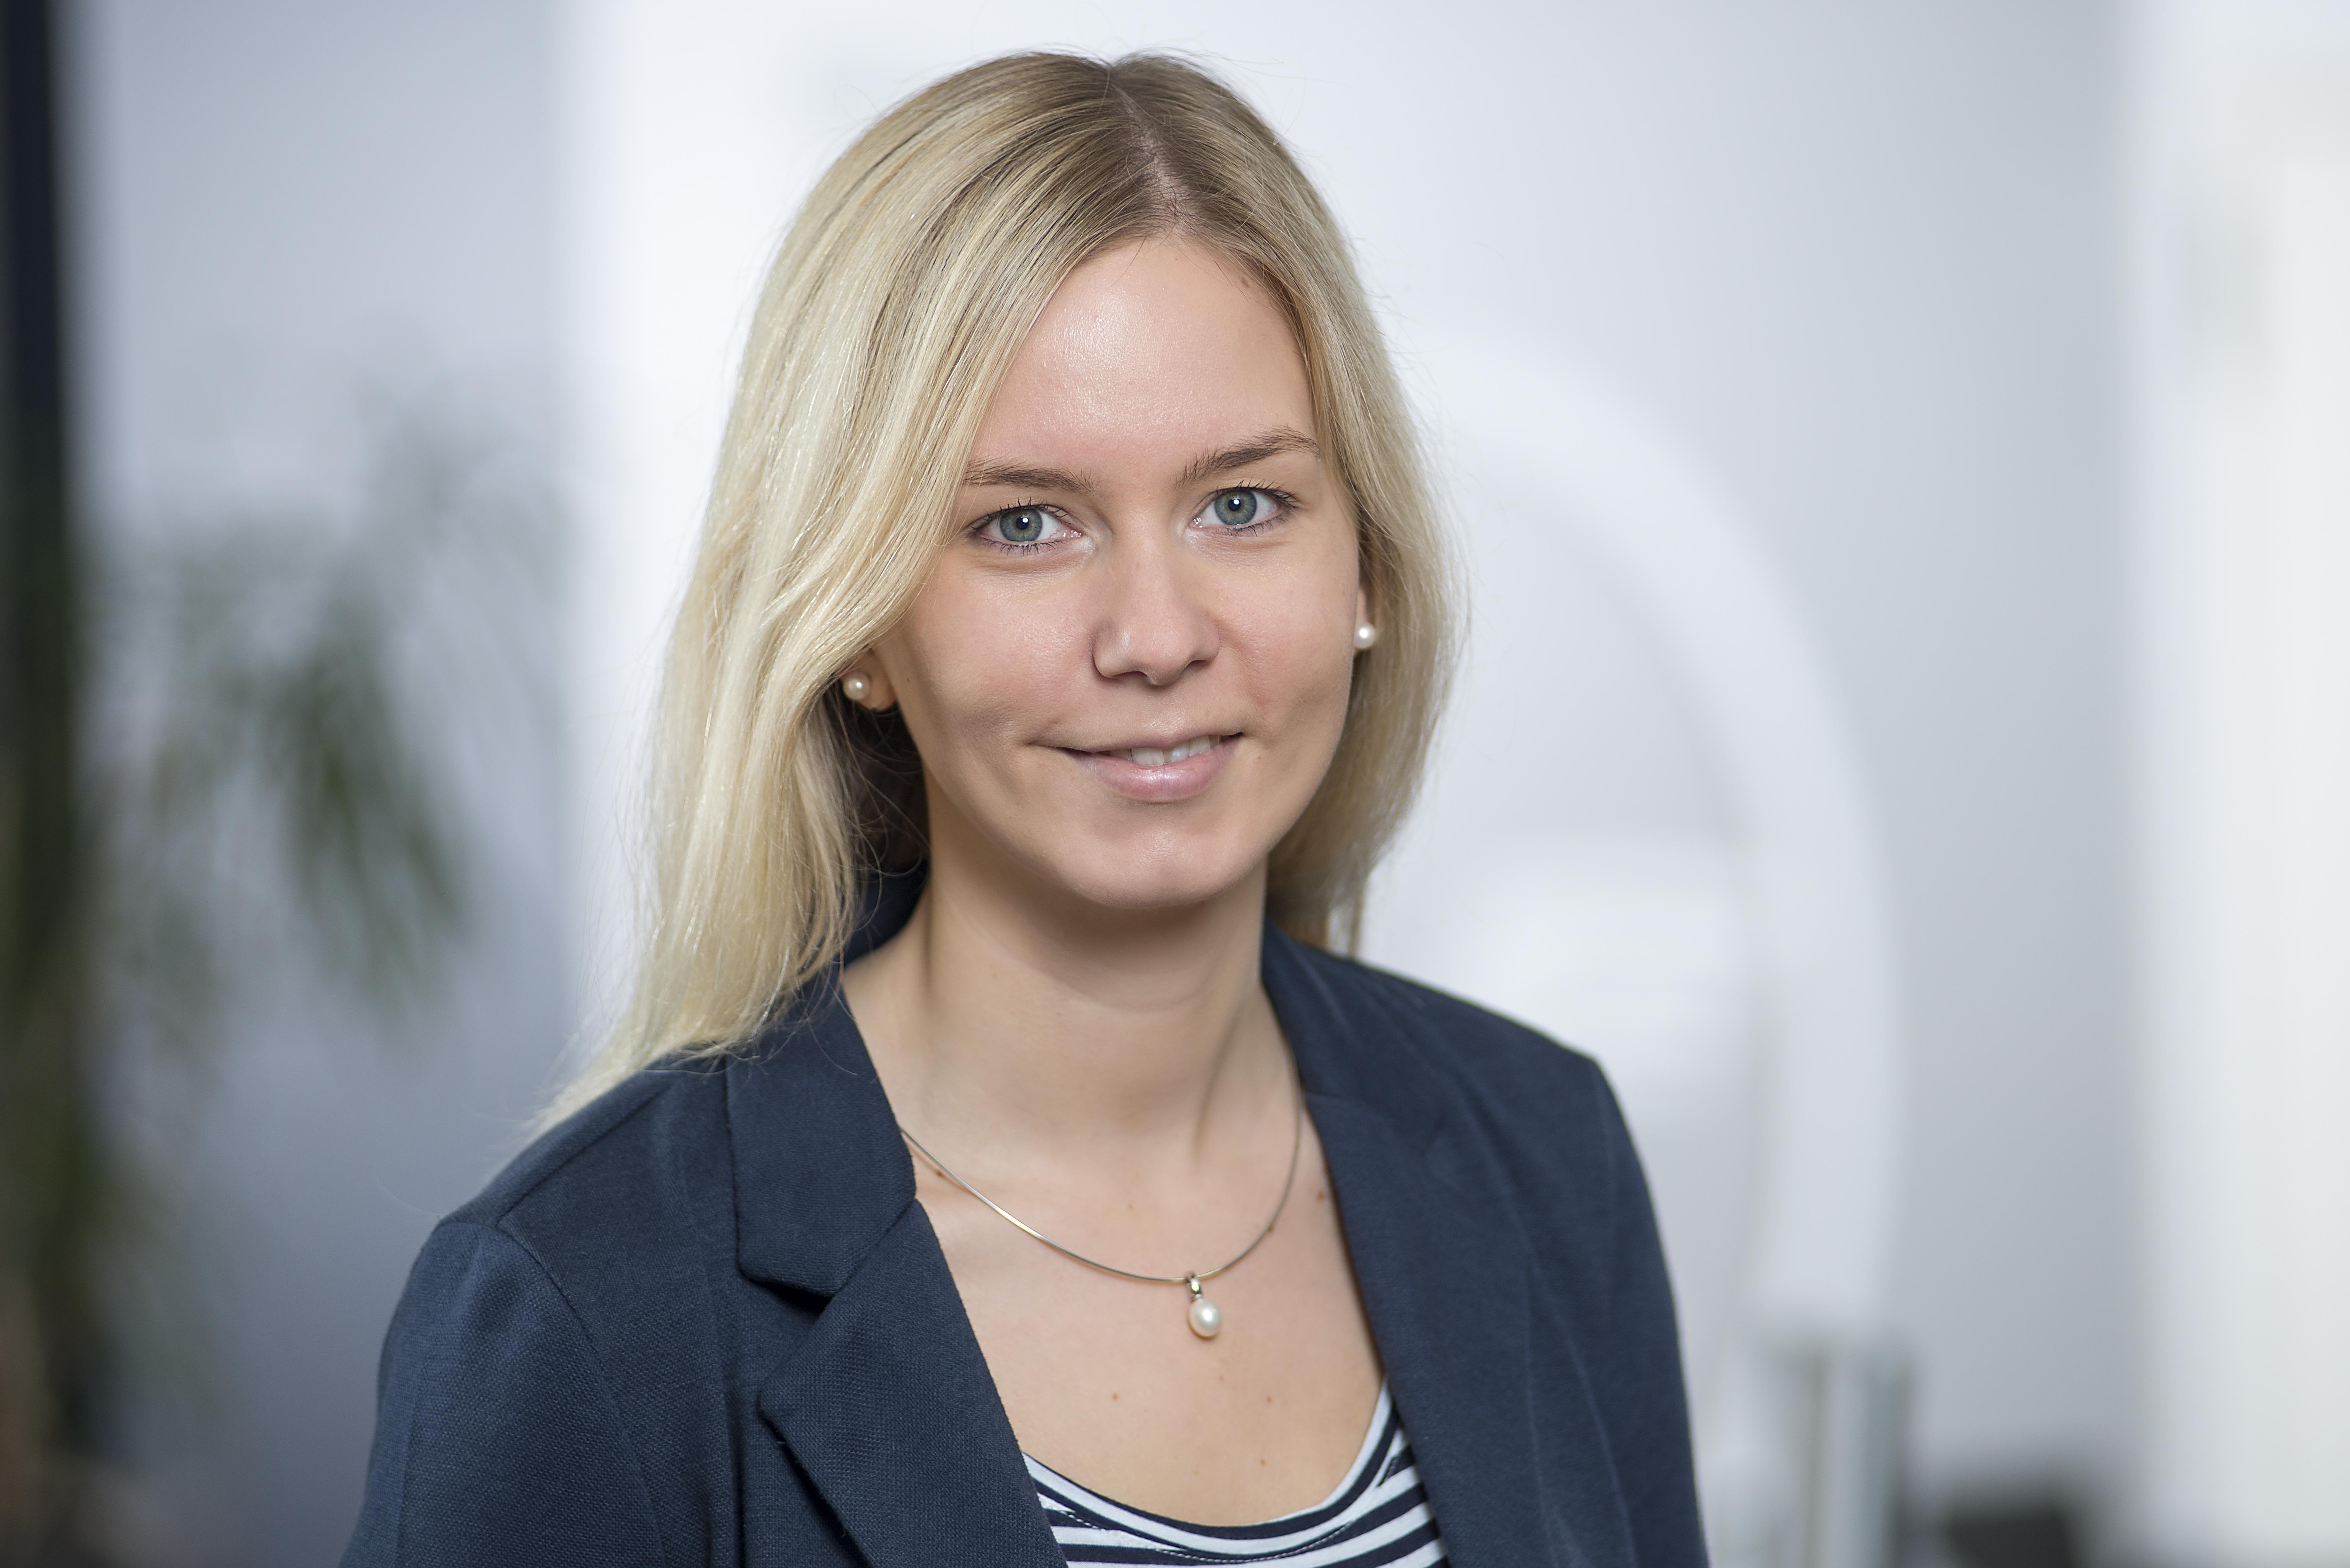 Stefanie Janning